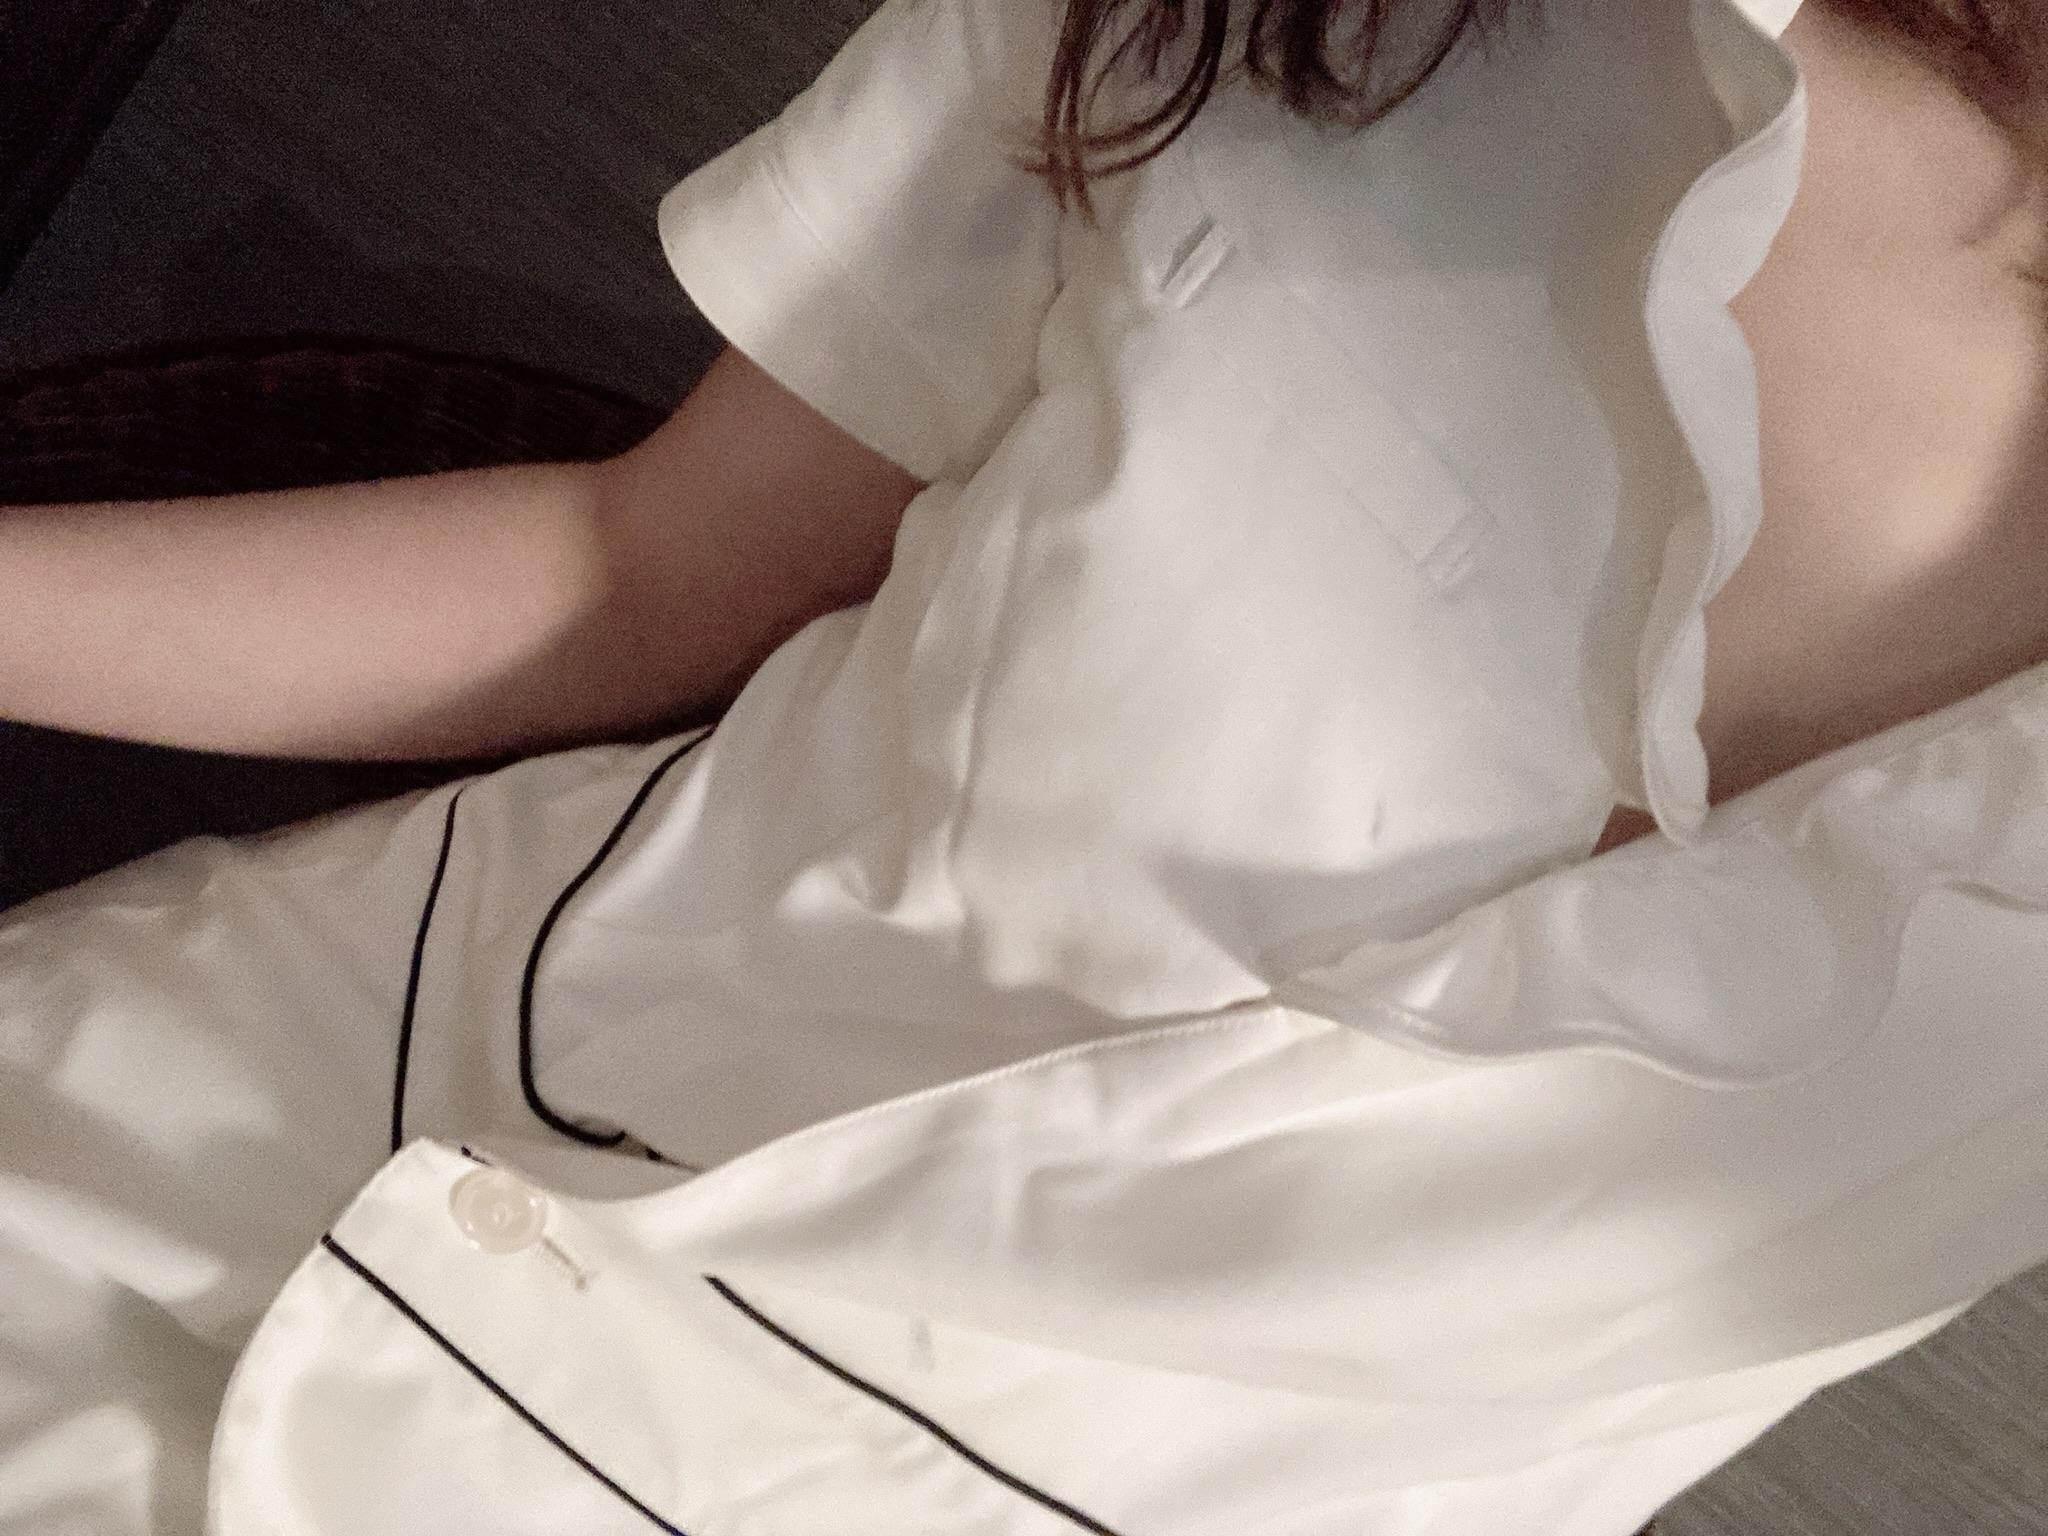 りん「U様へ(*゚∀゚*)」10/16(金) 19:37   りんの写メ・風俗動画